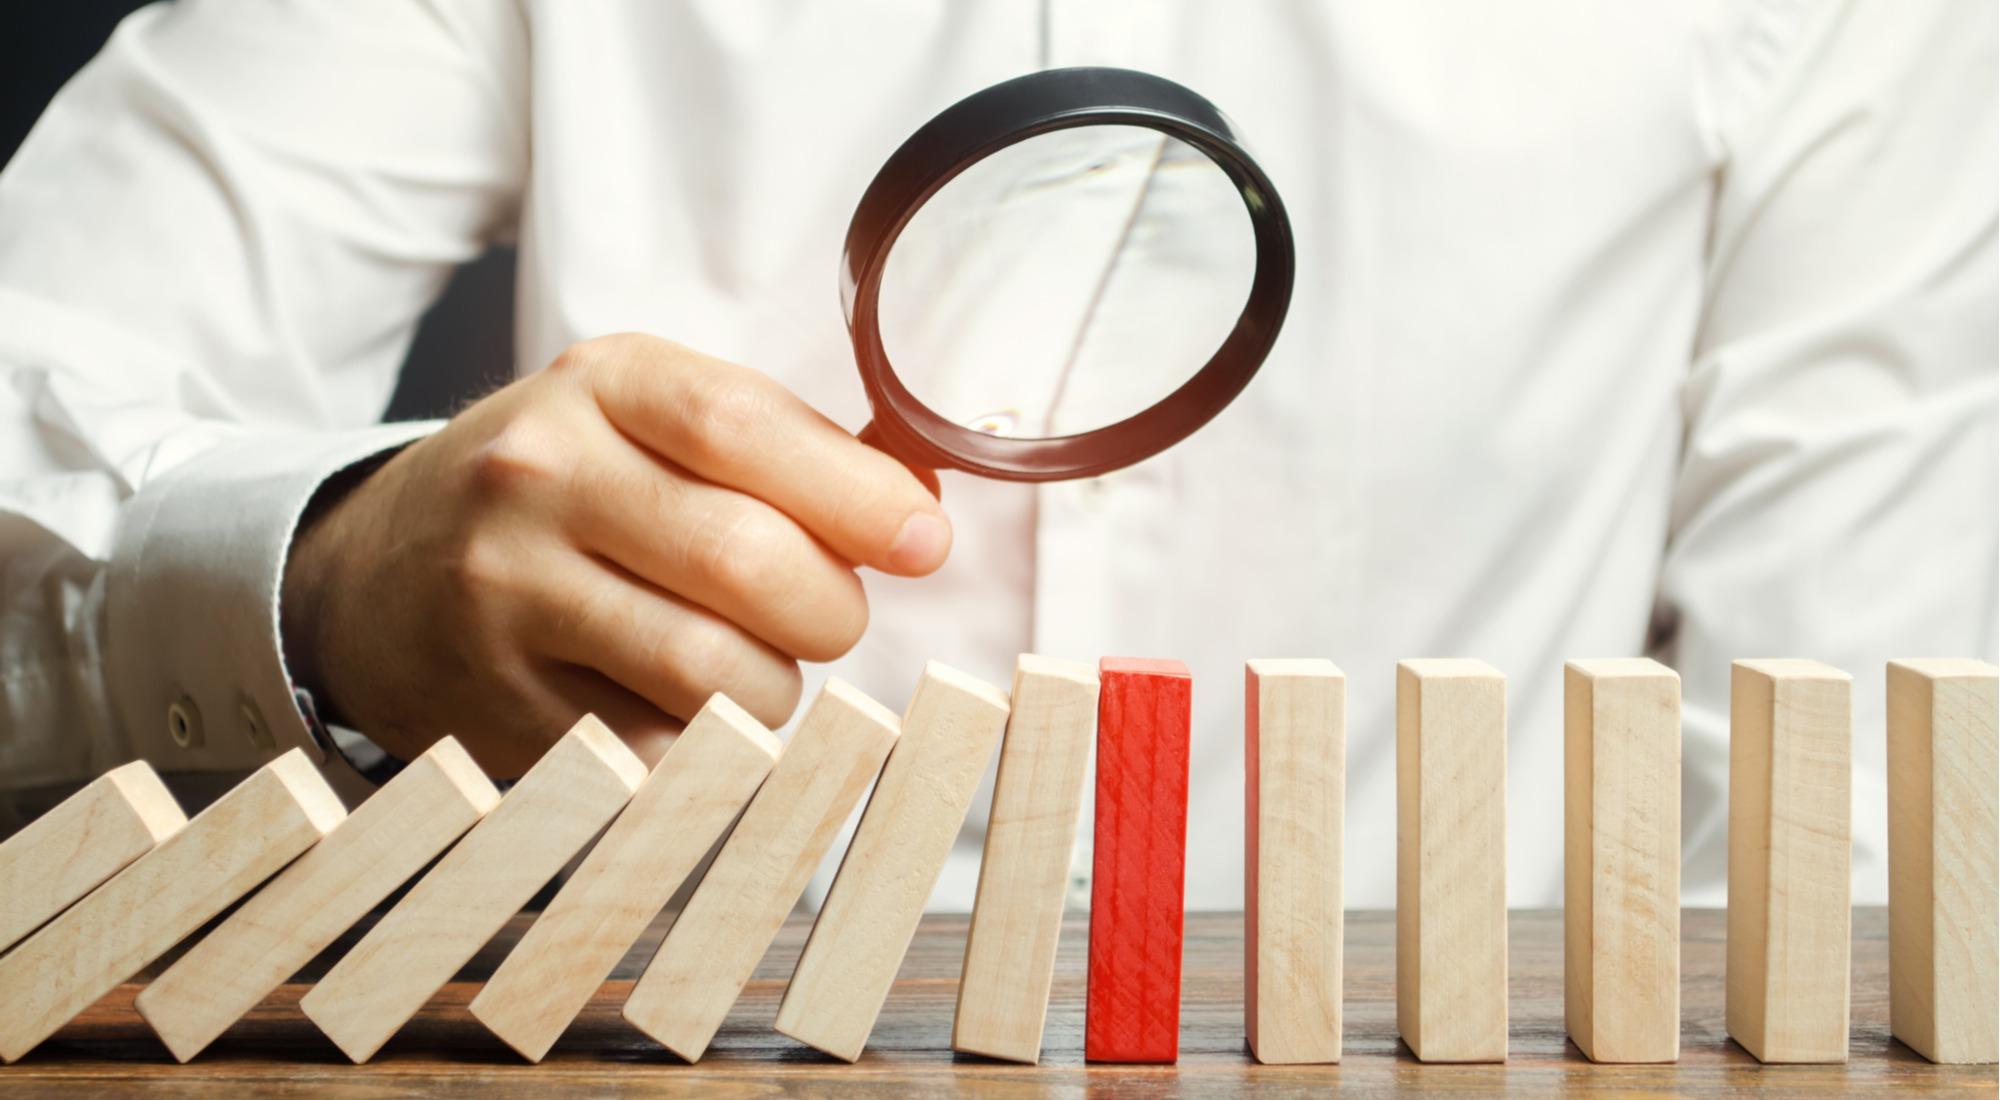 Entreprises du BTP : Que faire en cas de difficulté de trésorerie ?